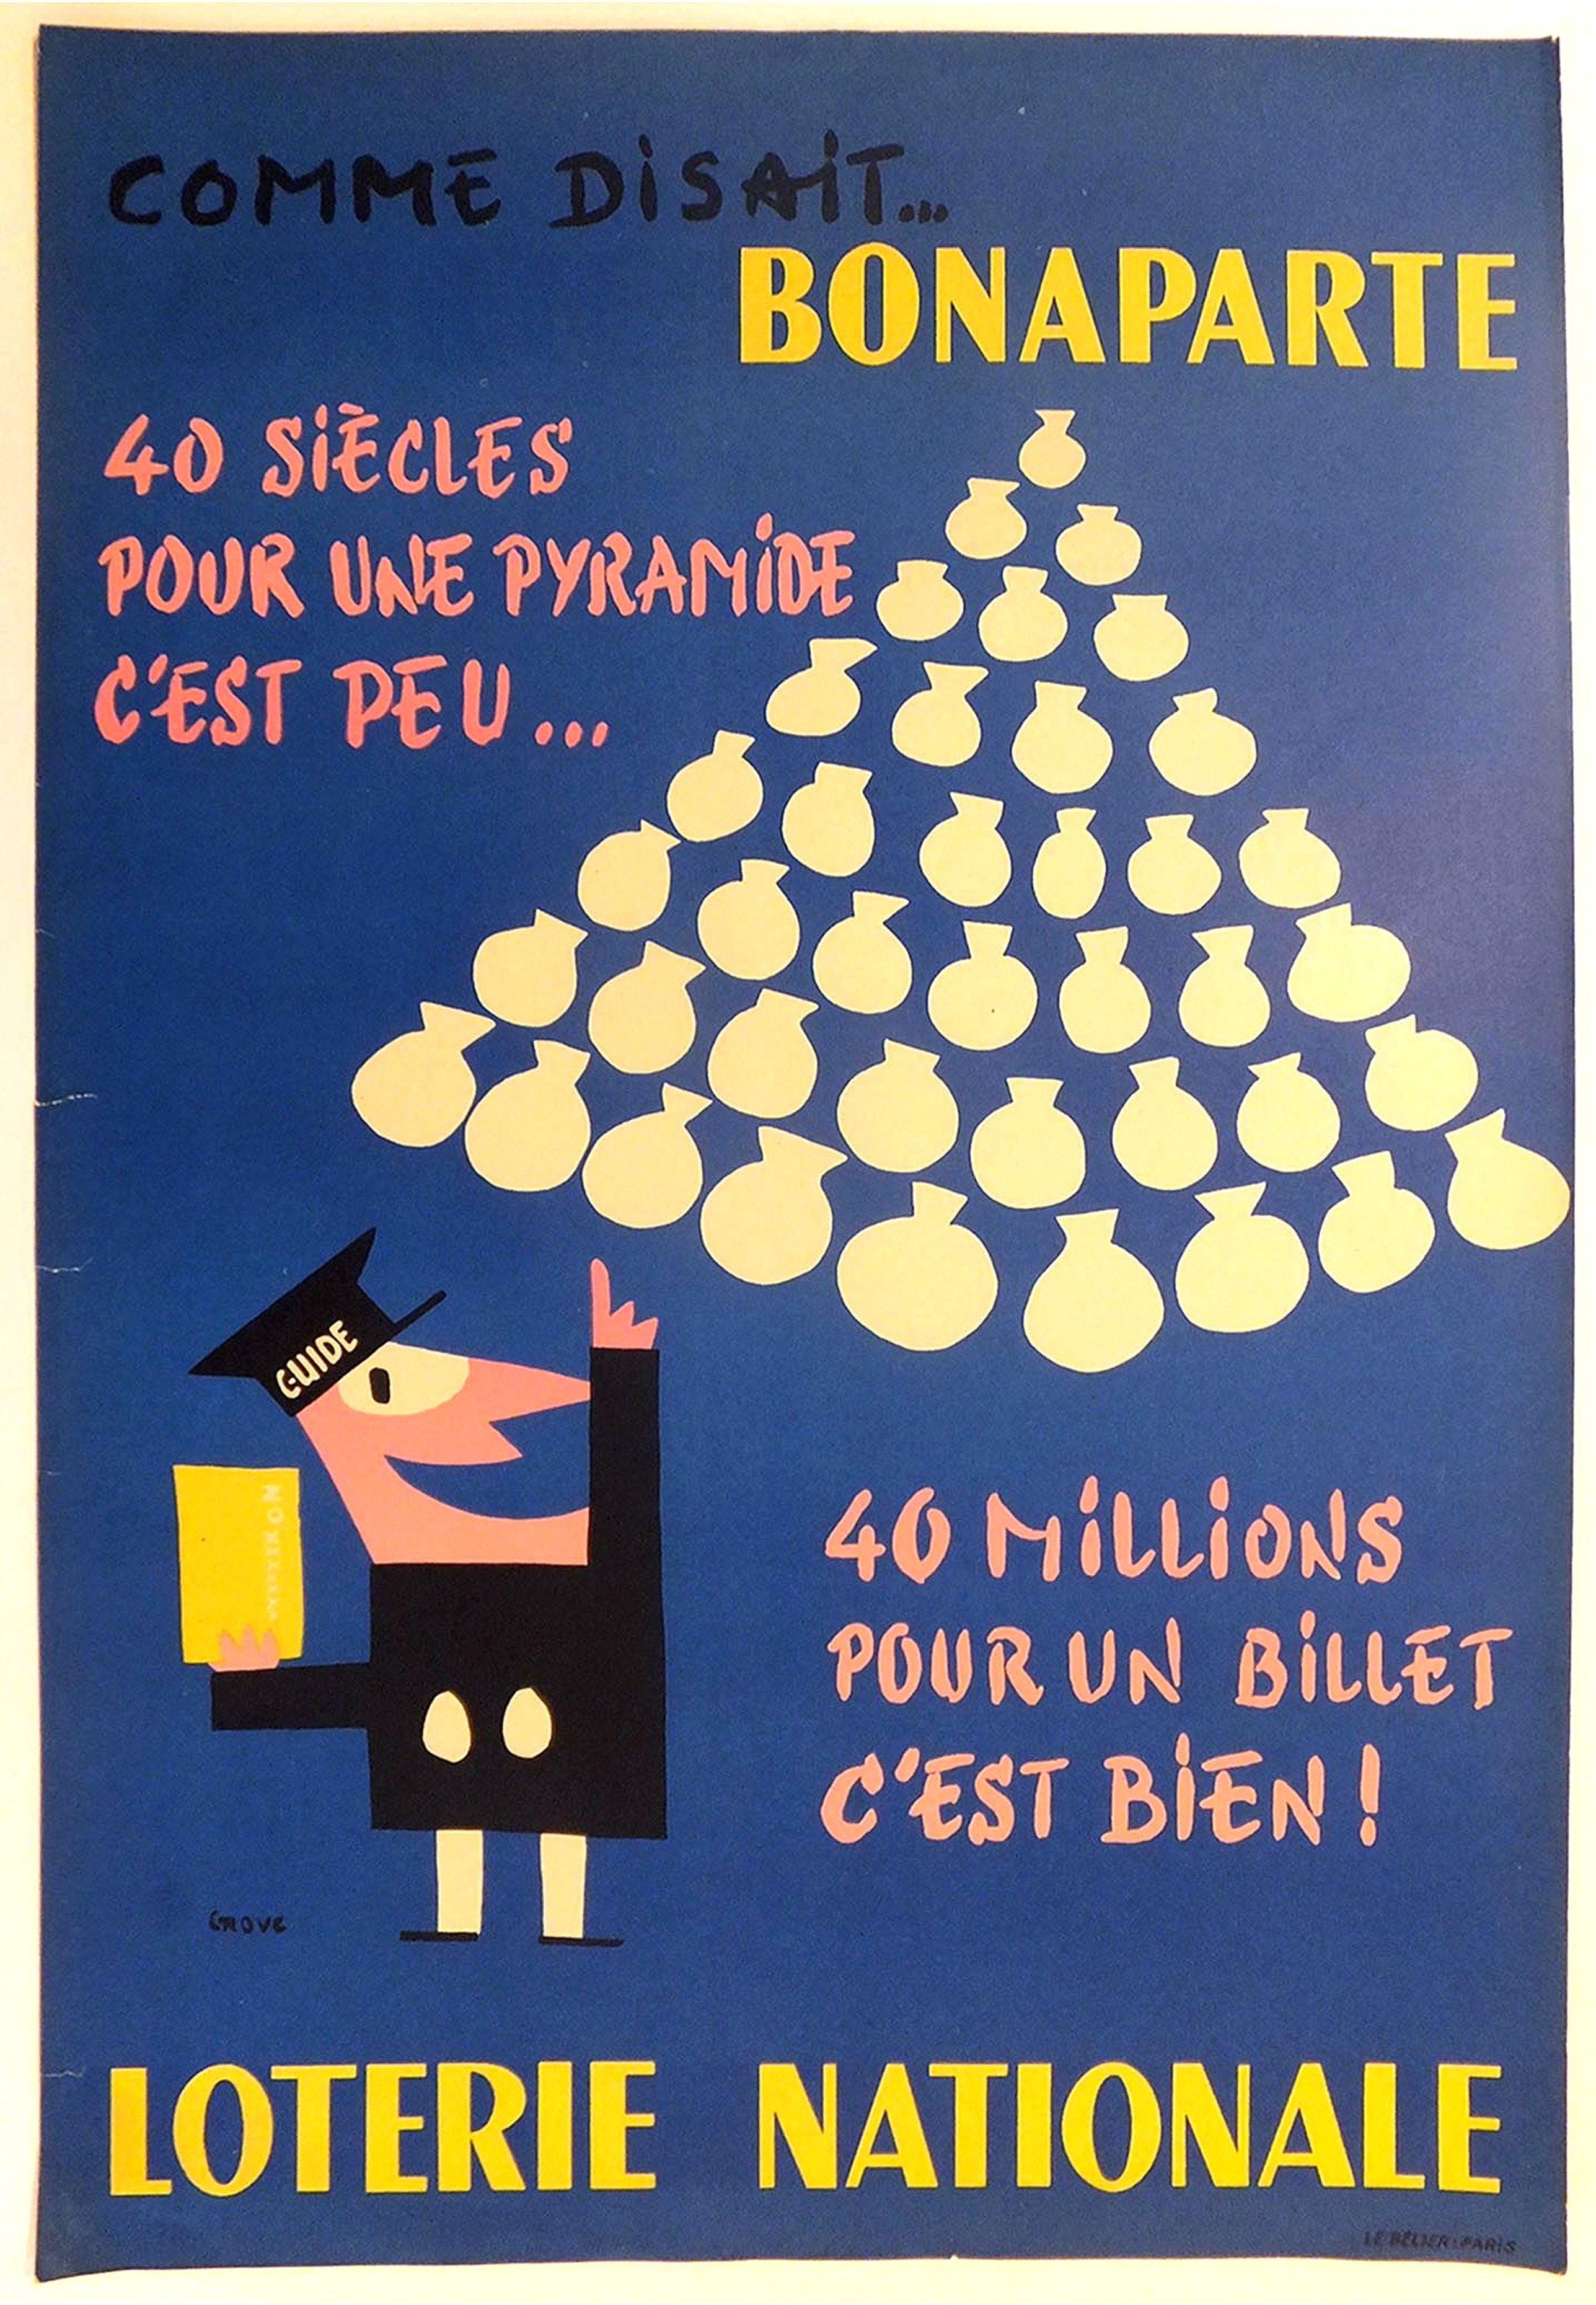 GROVE. -  Comme disait. . . Bonaparte 40 siècles pour des pyramides c'est peu . . . 40 millions pour un billet c'est bien! Loterie nationale.